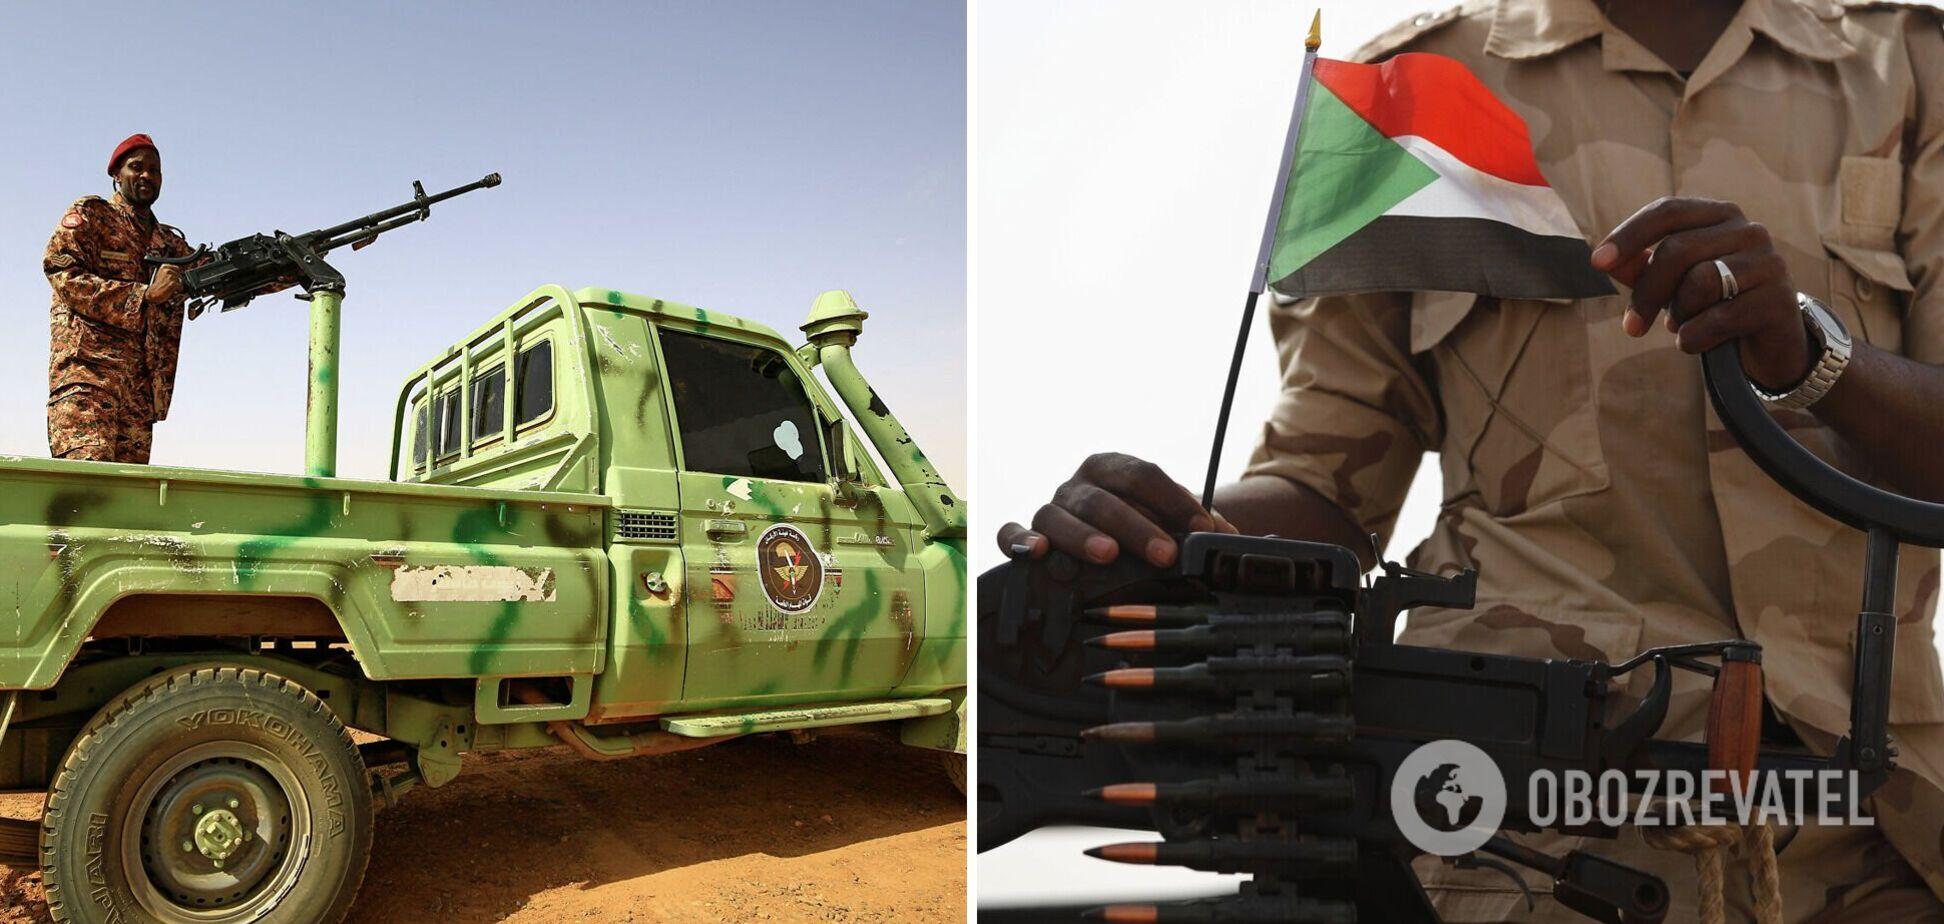 У Судані заявили про запобігання спробі військового перевороту: на вулицях помітили бронетехніку. Відео